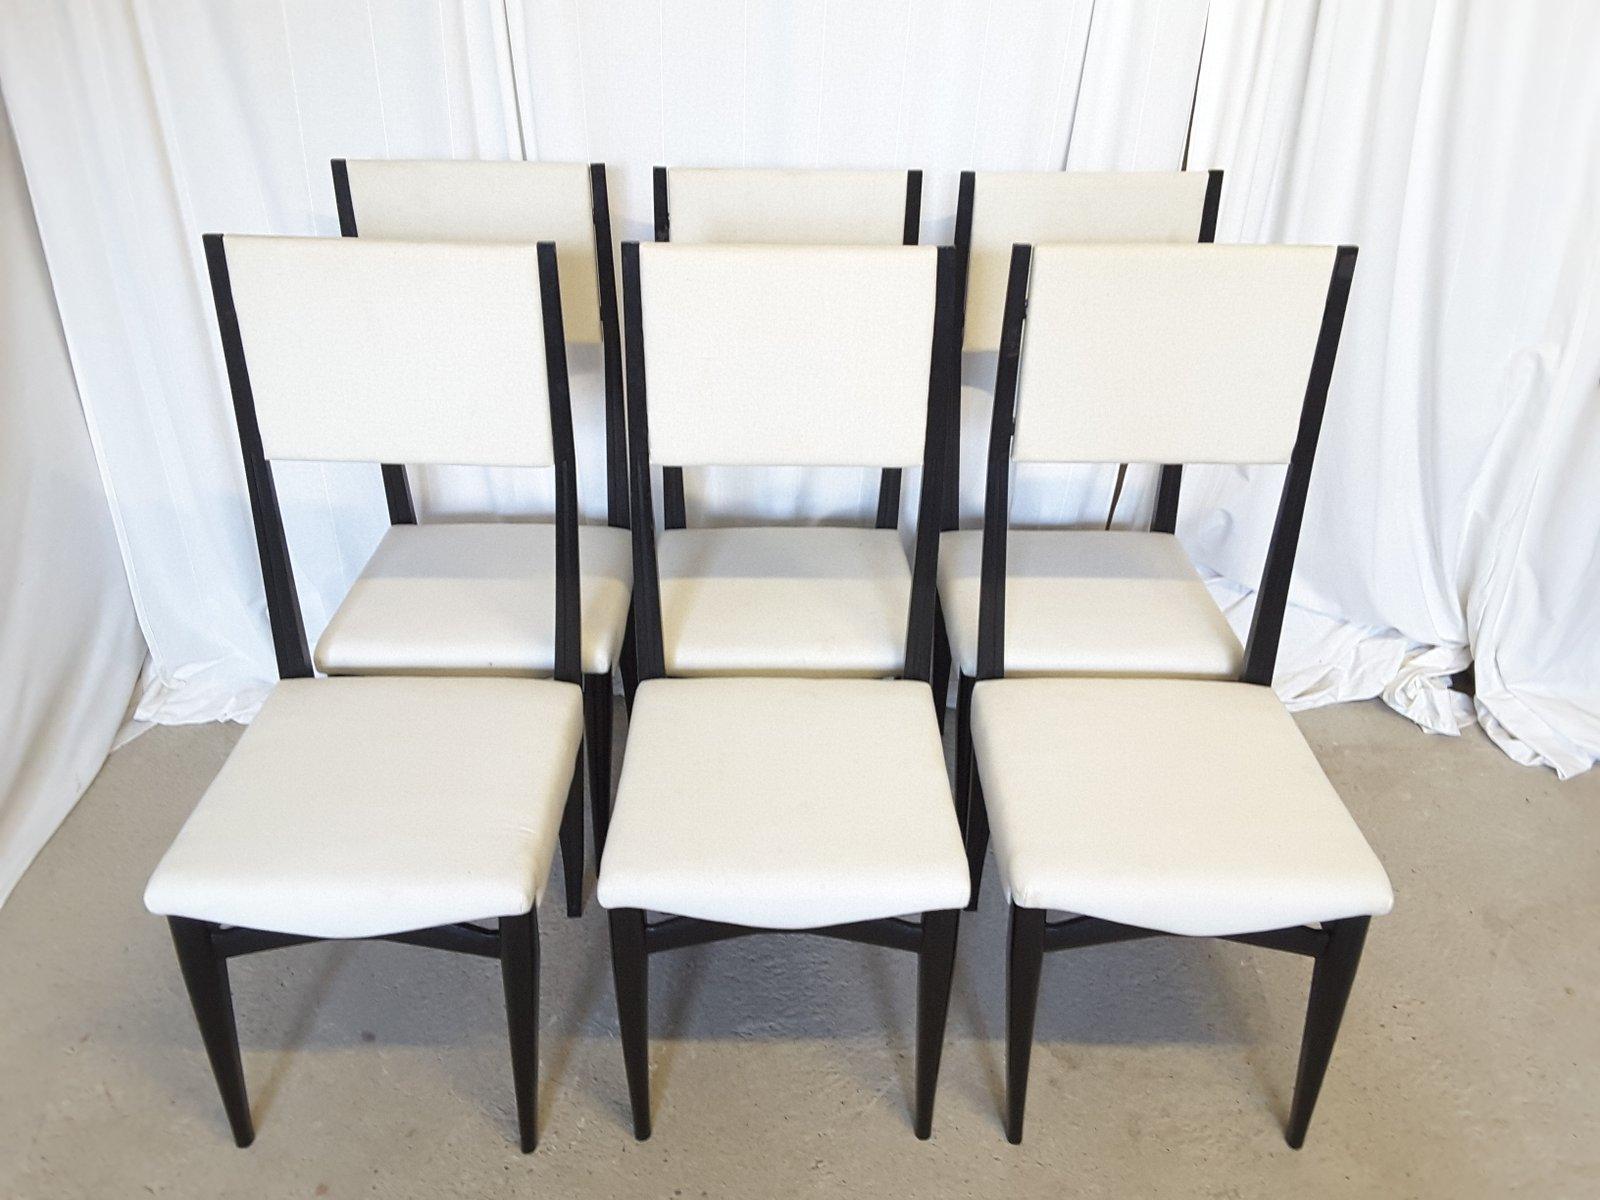 Sedie Schienale Alto Design : Sedie da pranzo con schienale alto italia anni set di in